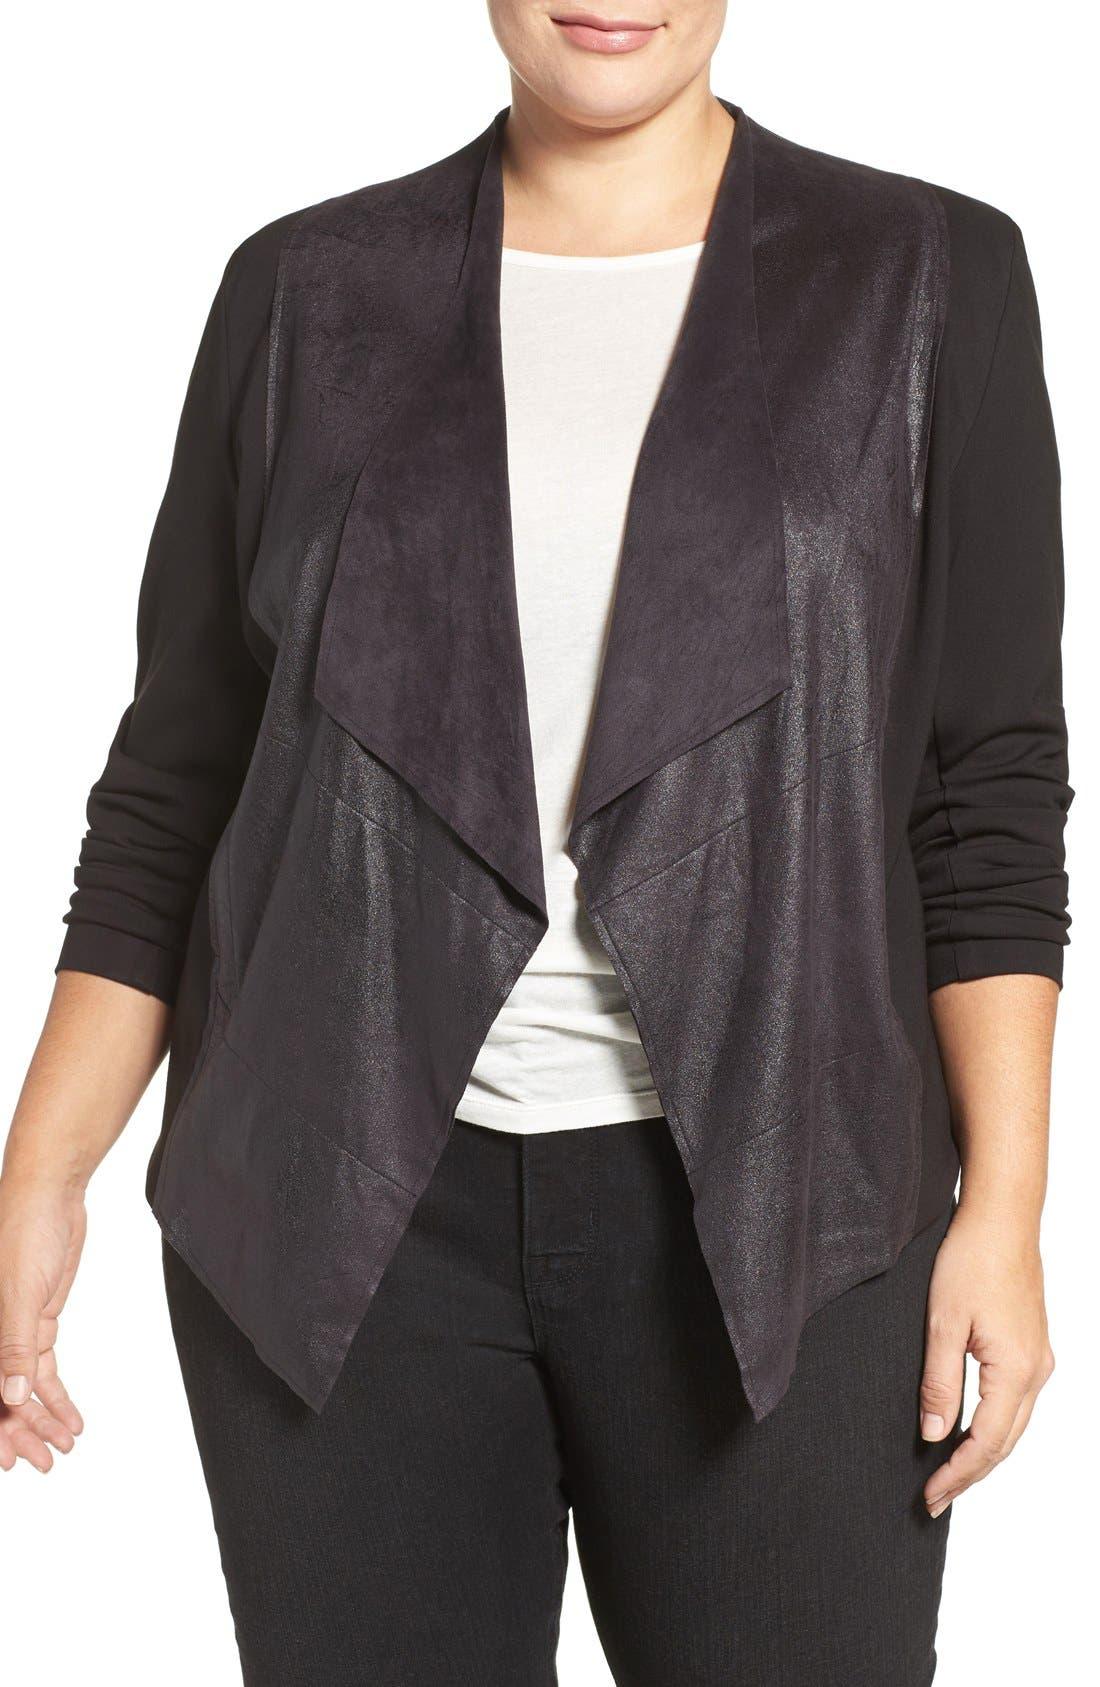 TART 'Shanan' Faux Leather & Knit Drape Front Jacket in Black